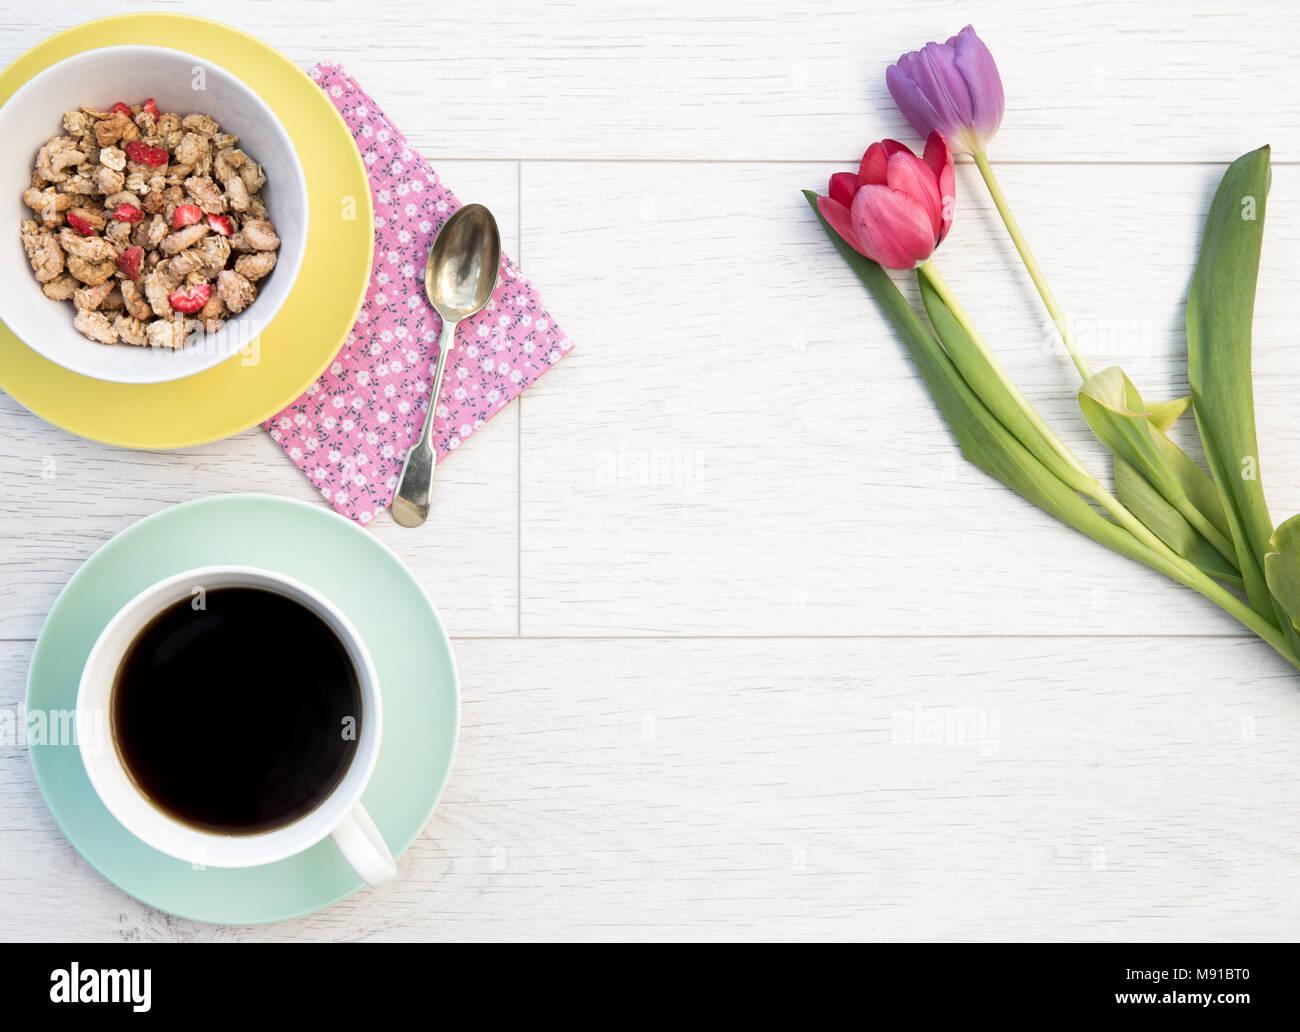 Mirando hacia abajo desde arriba en una mesa de madera blanca, con un desayuno femenino de muesli y café junto con los tulipanes, flores y copie el espacio. Foto de stock